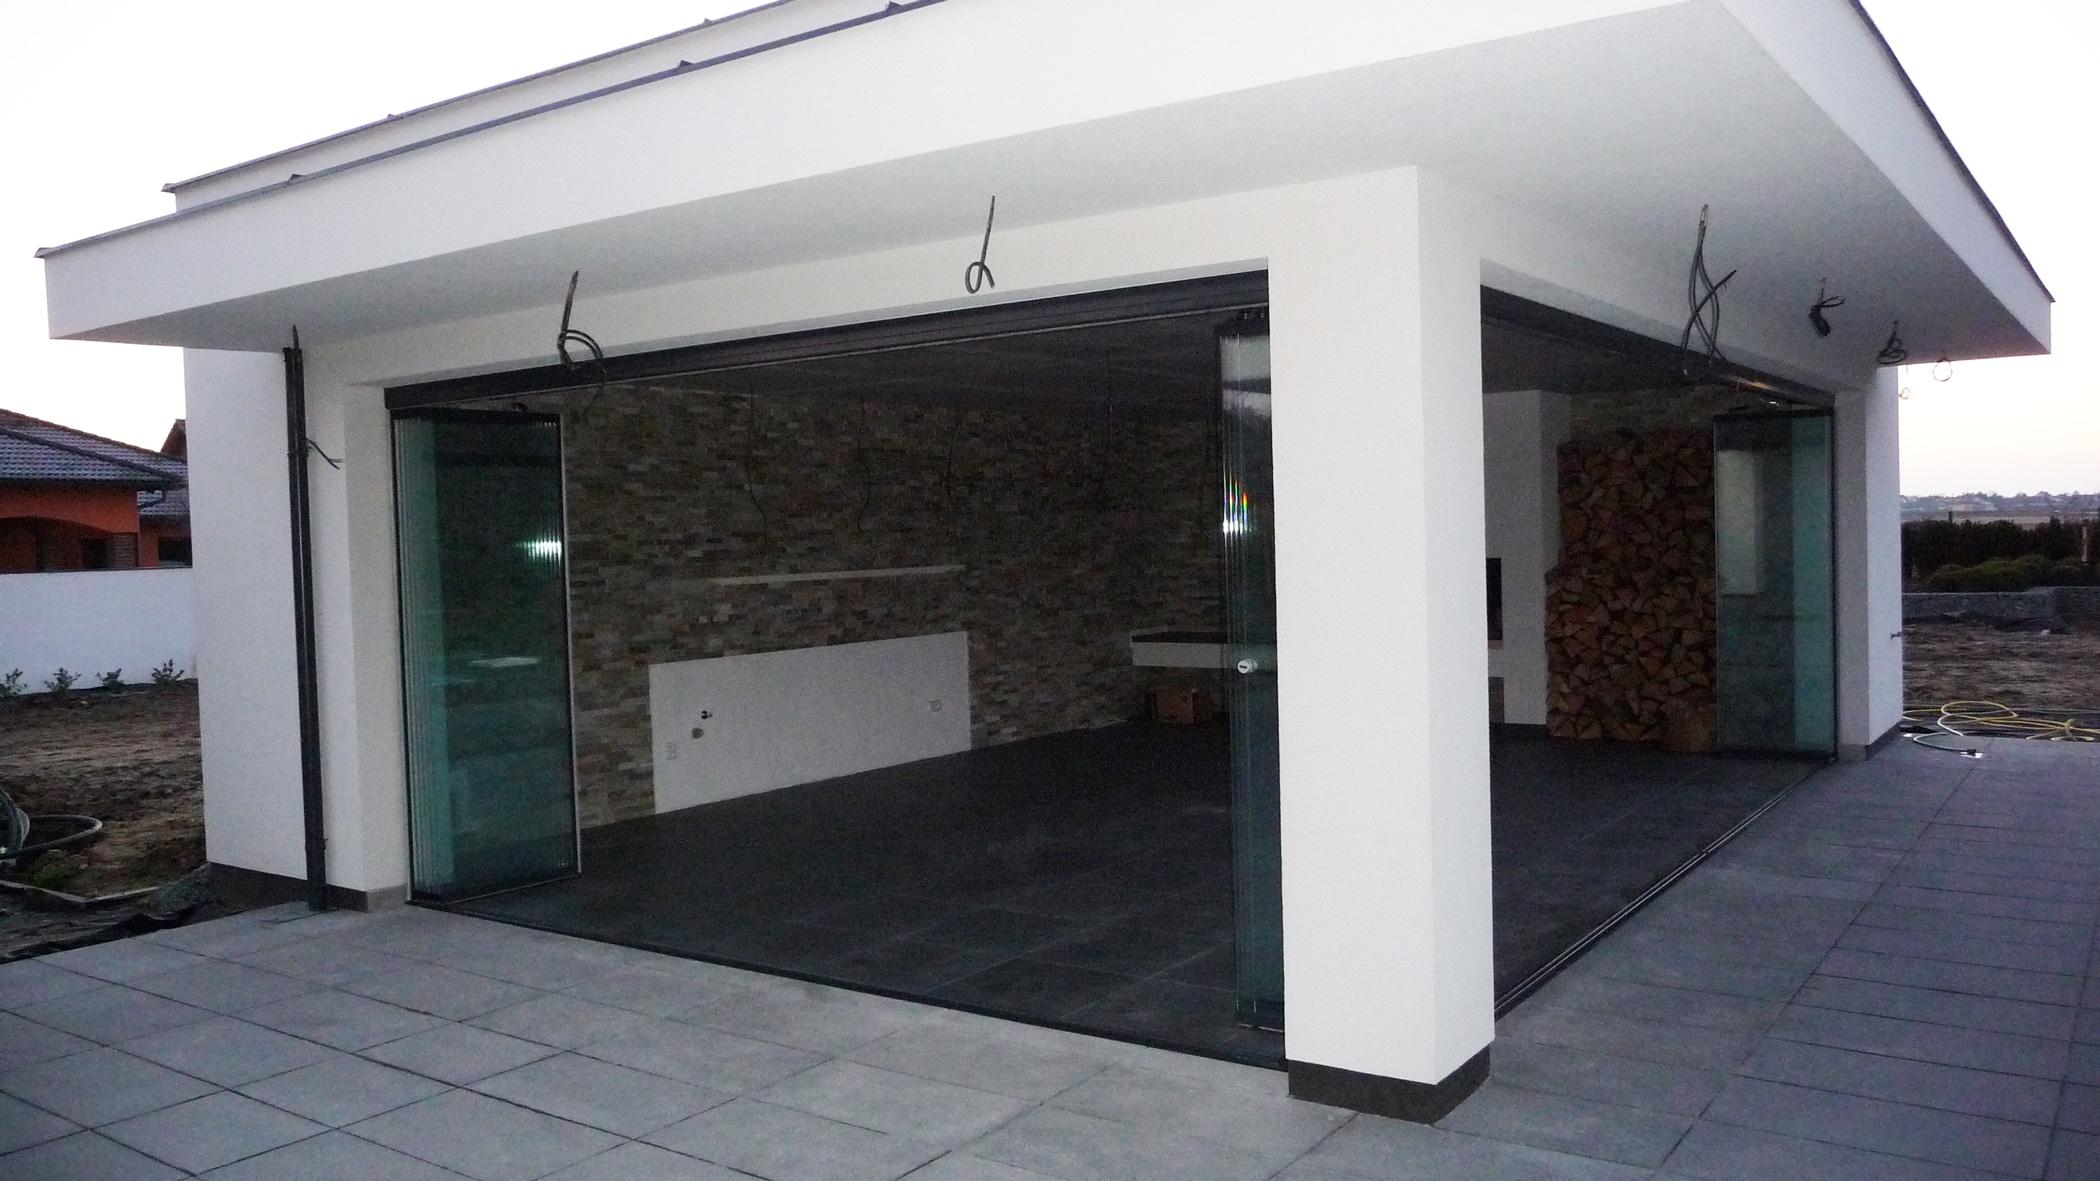 Gemauerte Gartenhäuser mit Schiebe-Falt-Verglasungen